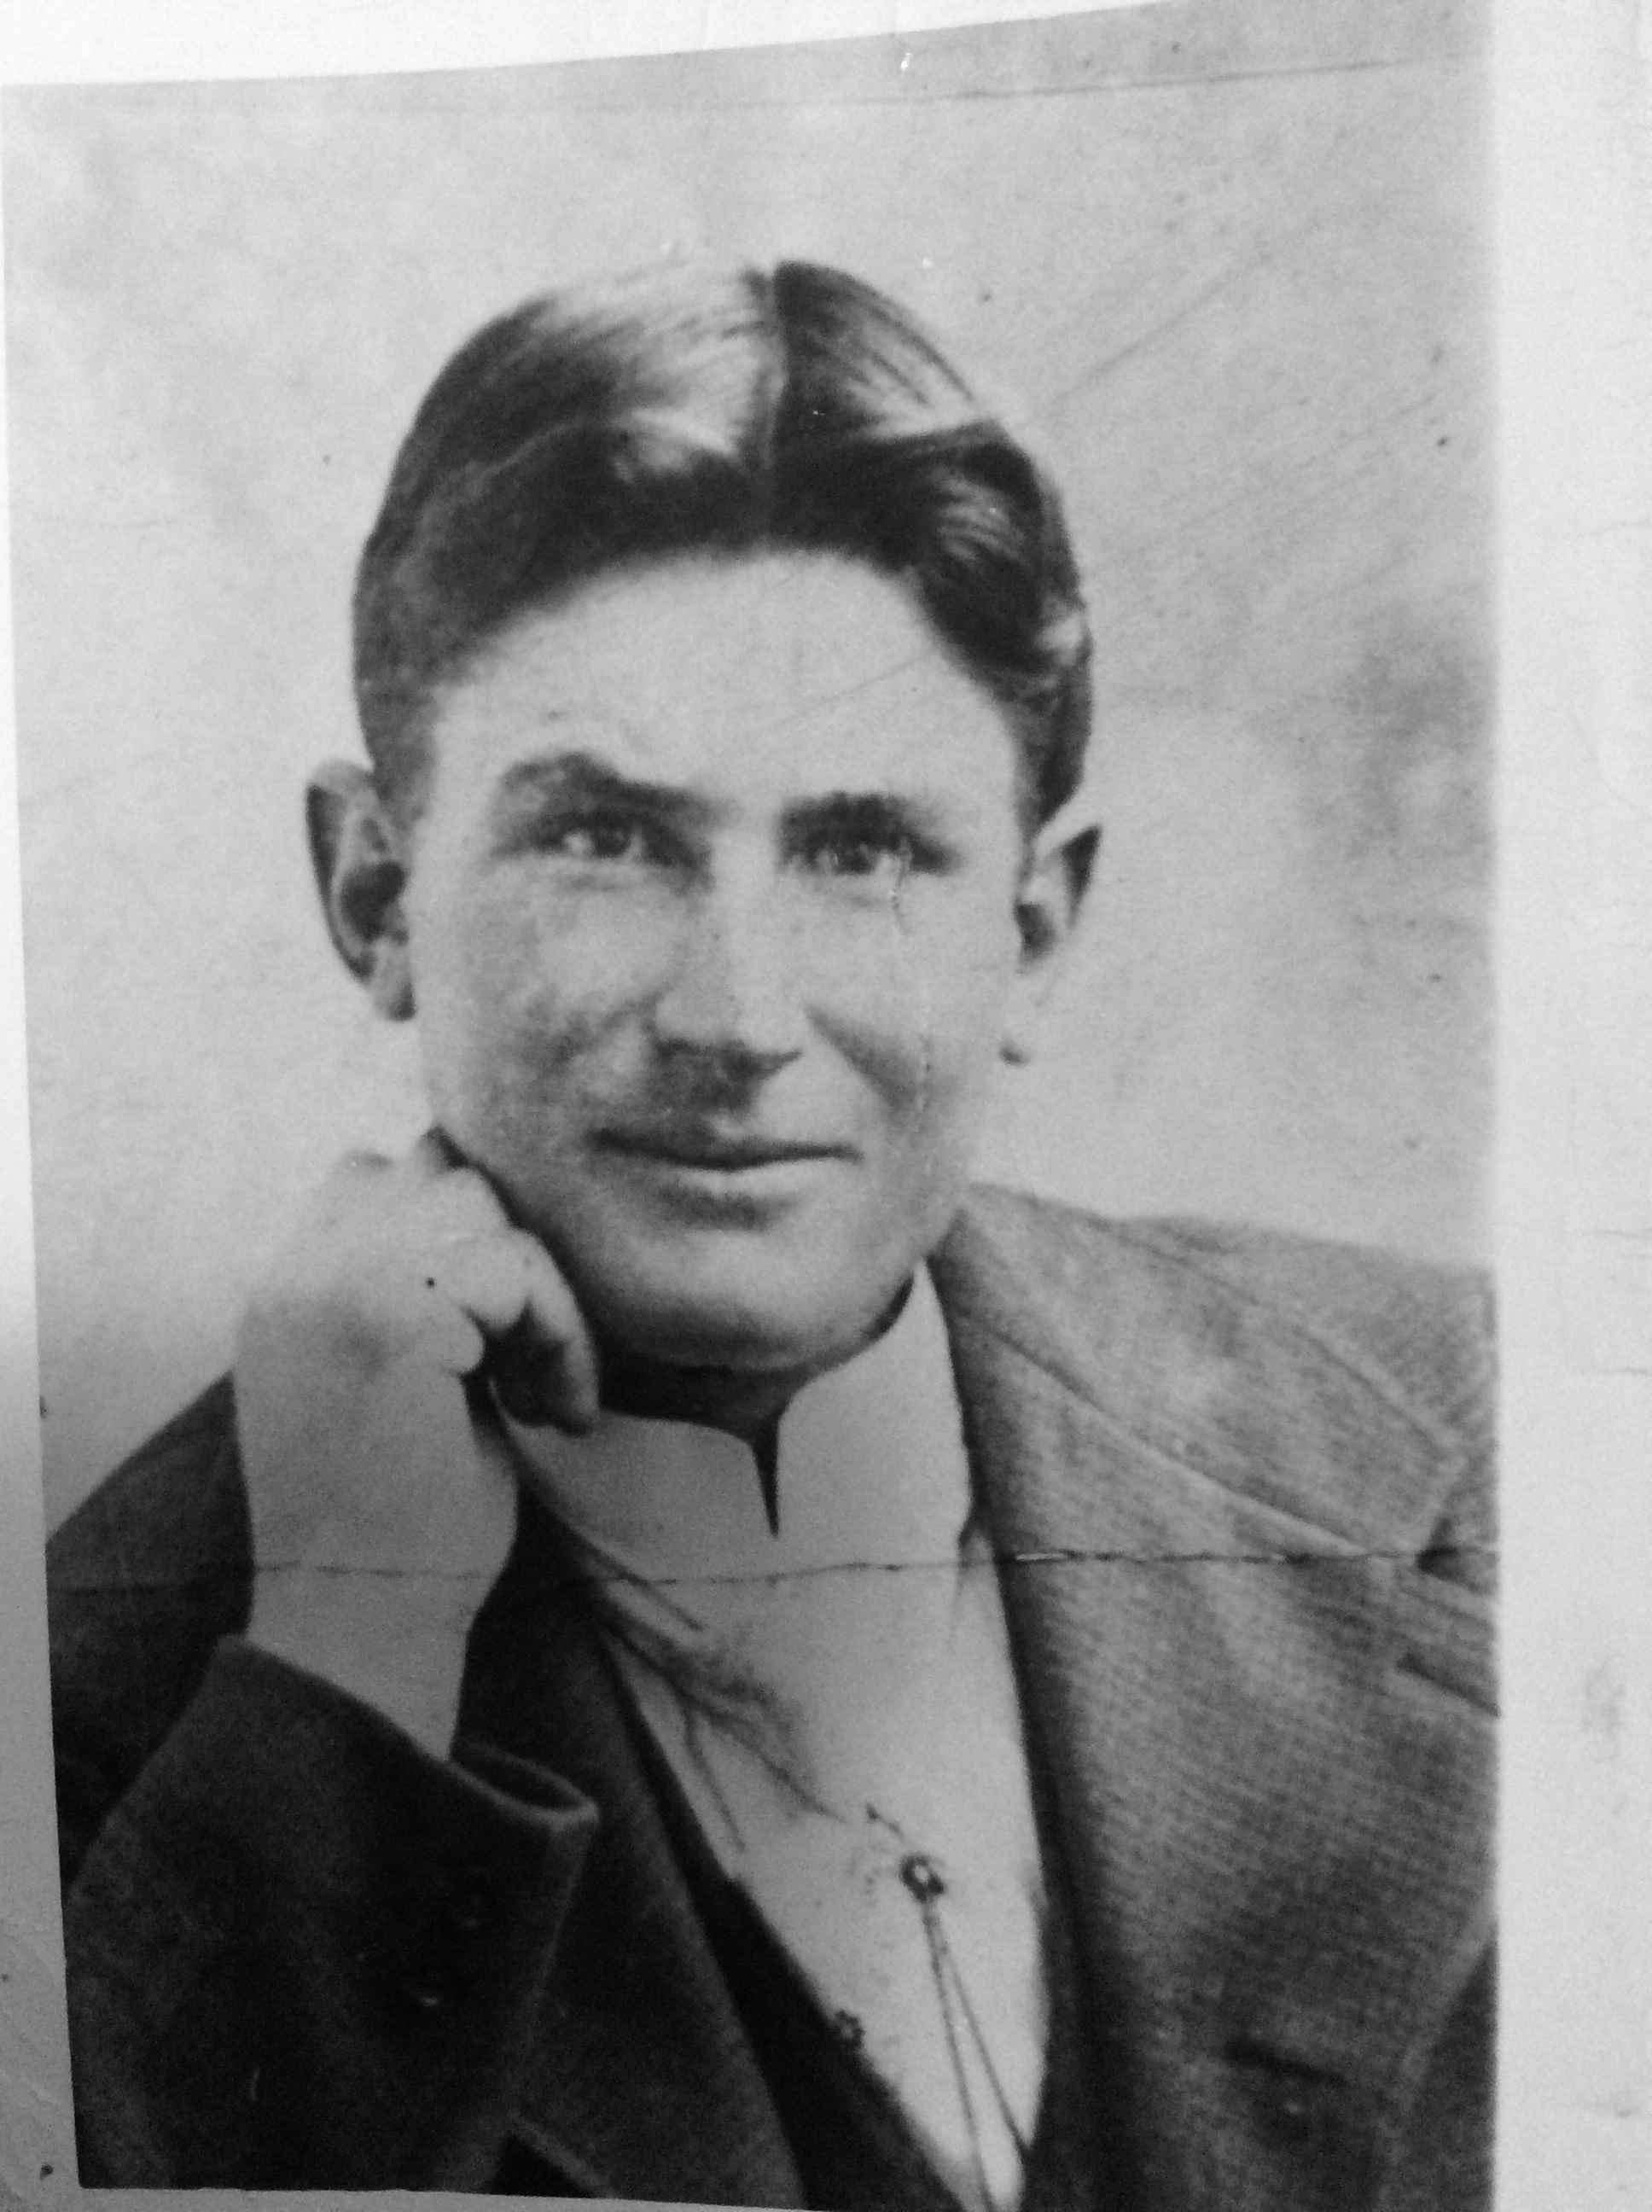 Kennington, George Seward